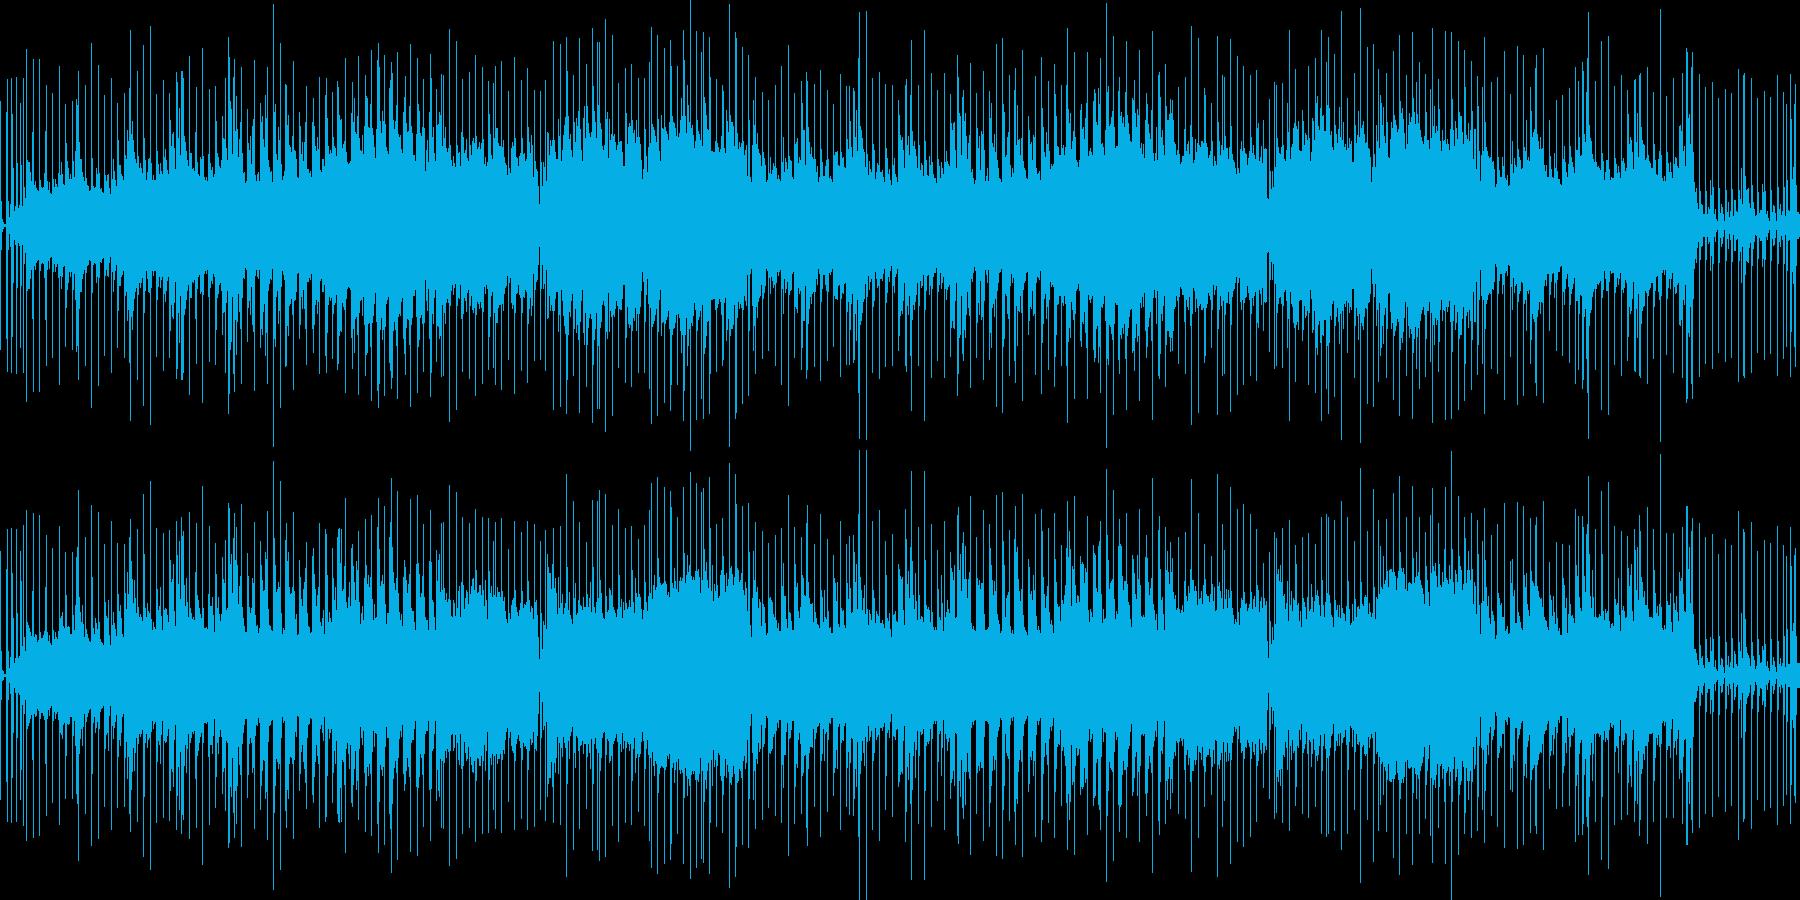 比較的軽めのバトルbgmの再生済みの波形